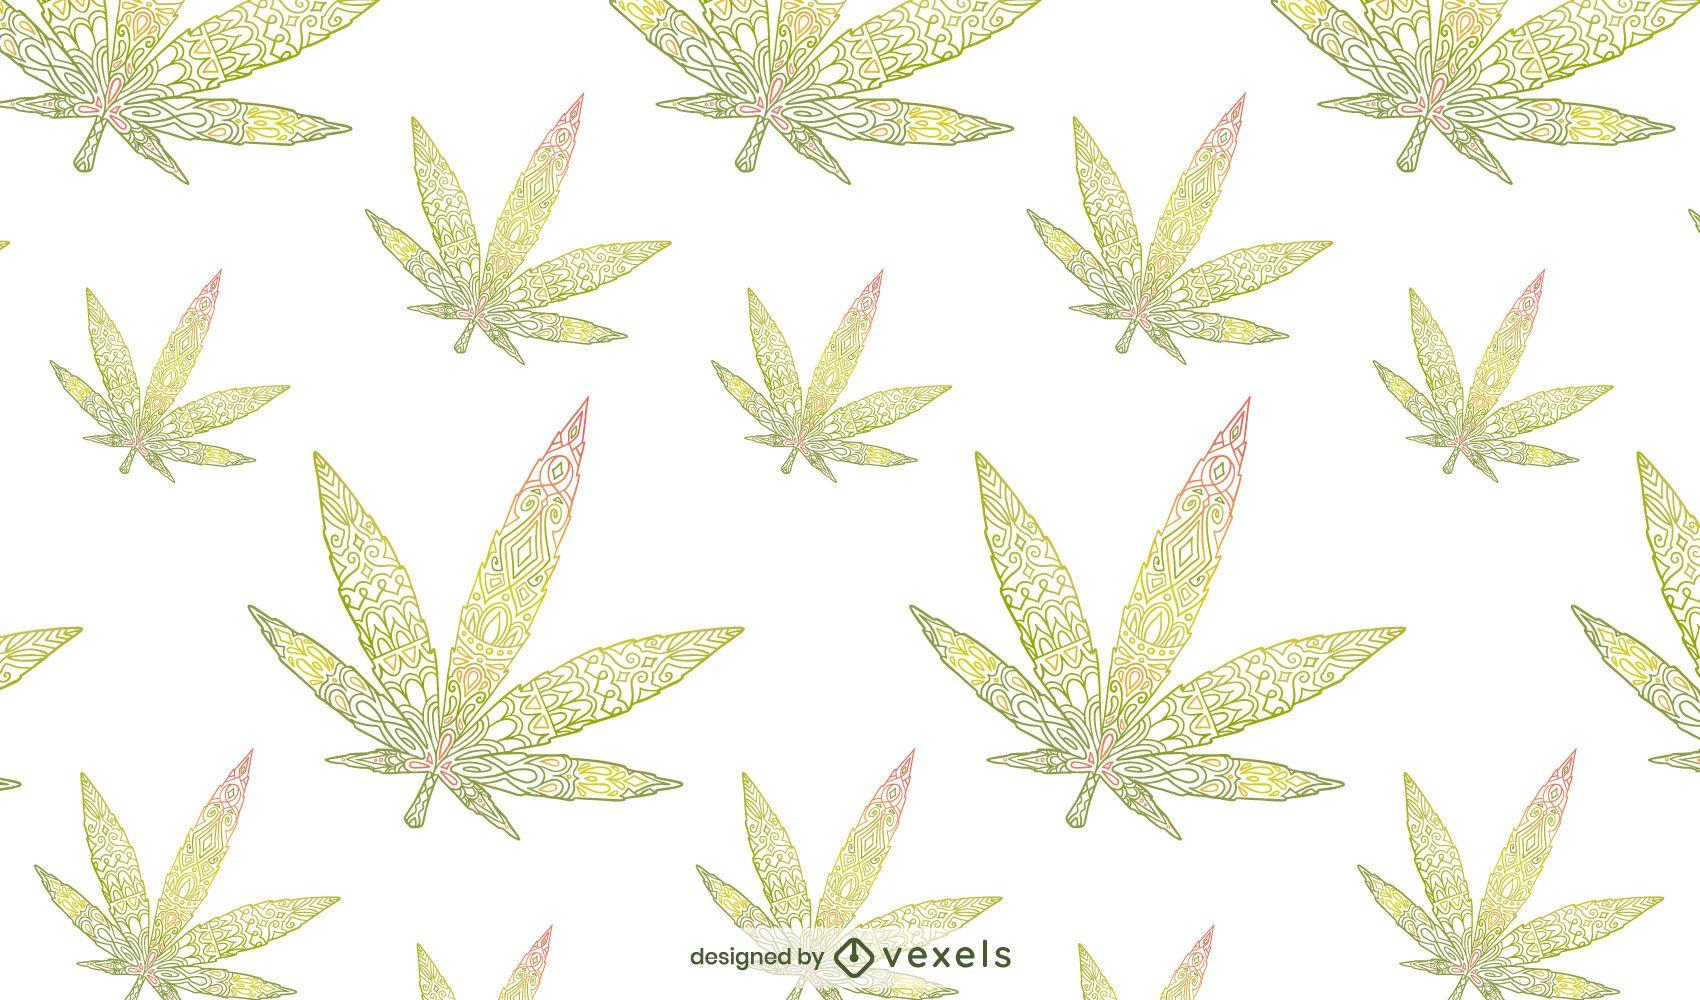 Diseño de patrón de hojas de cannabis